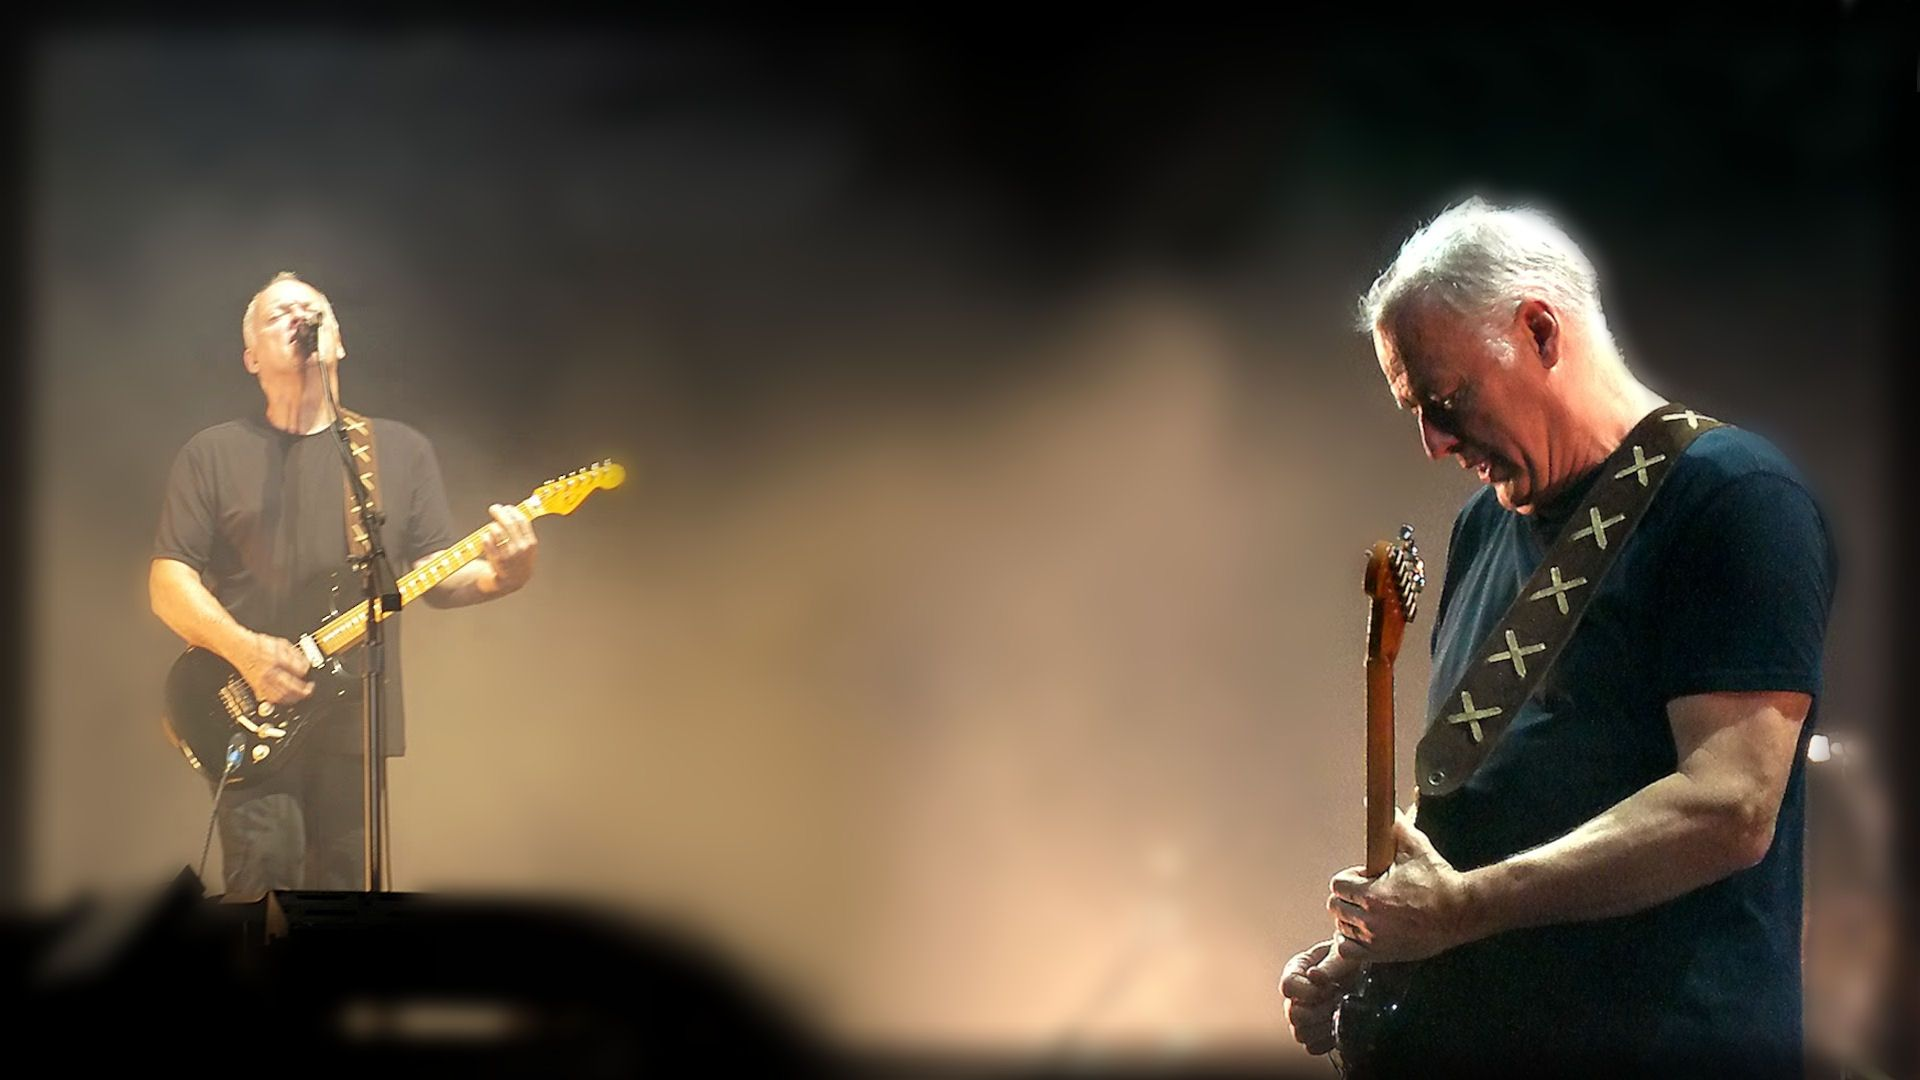 Full Hd 1080p David Gilmour Wallpapers Hd Desktop